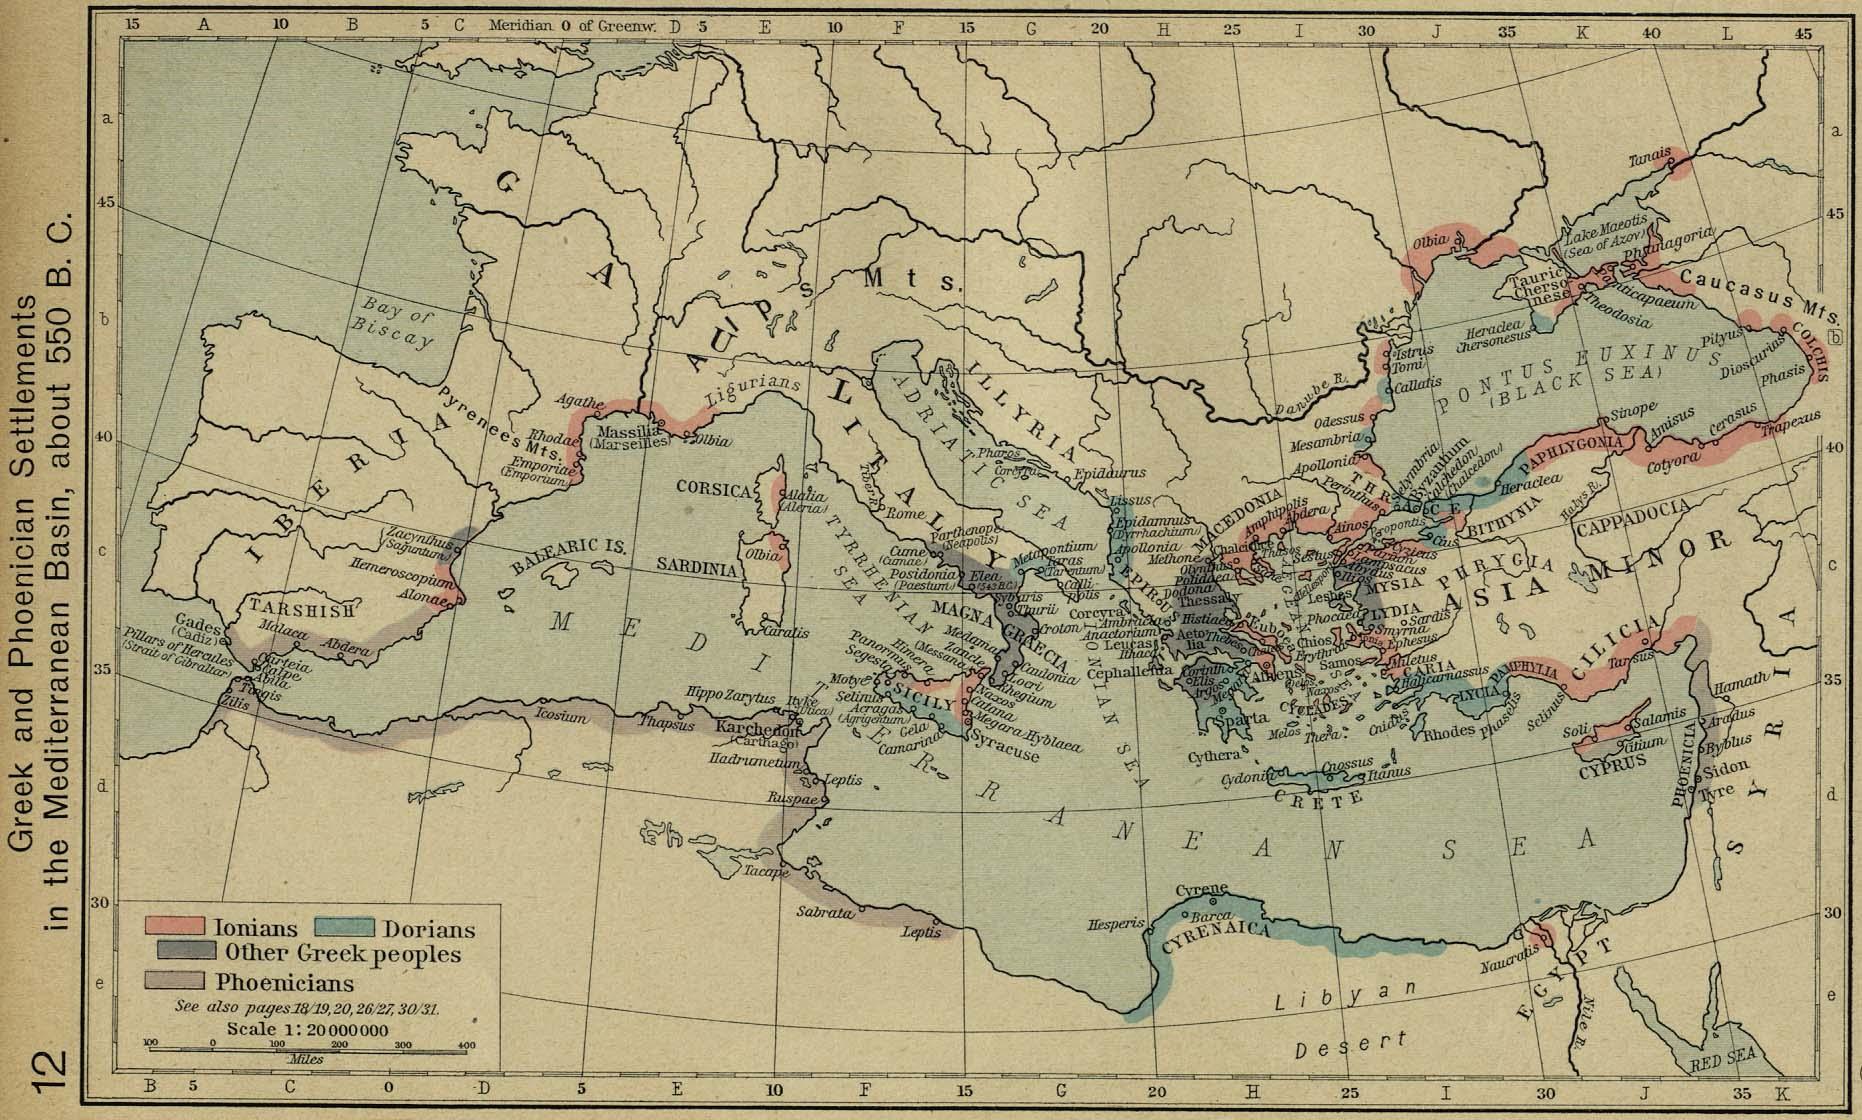 https://www.lib.utexas.edu/maps/historical/shepherd/greek_phoenician_550.jpg